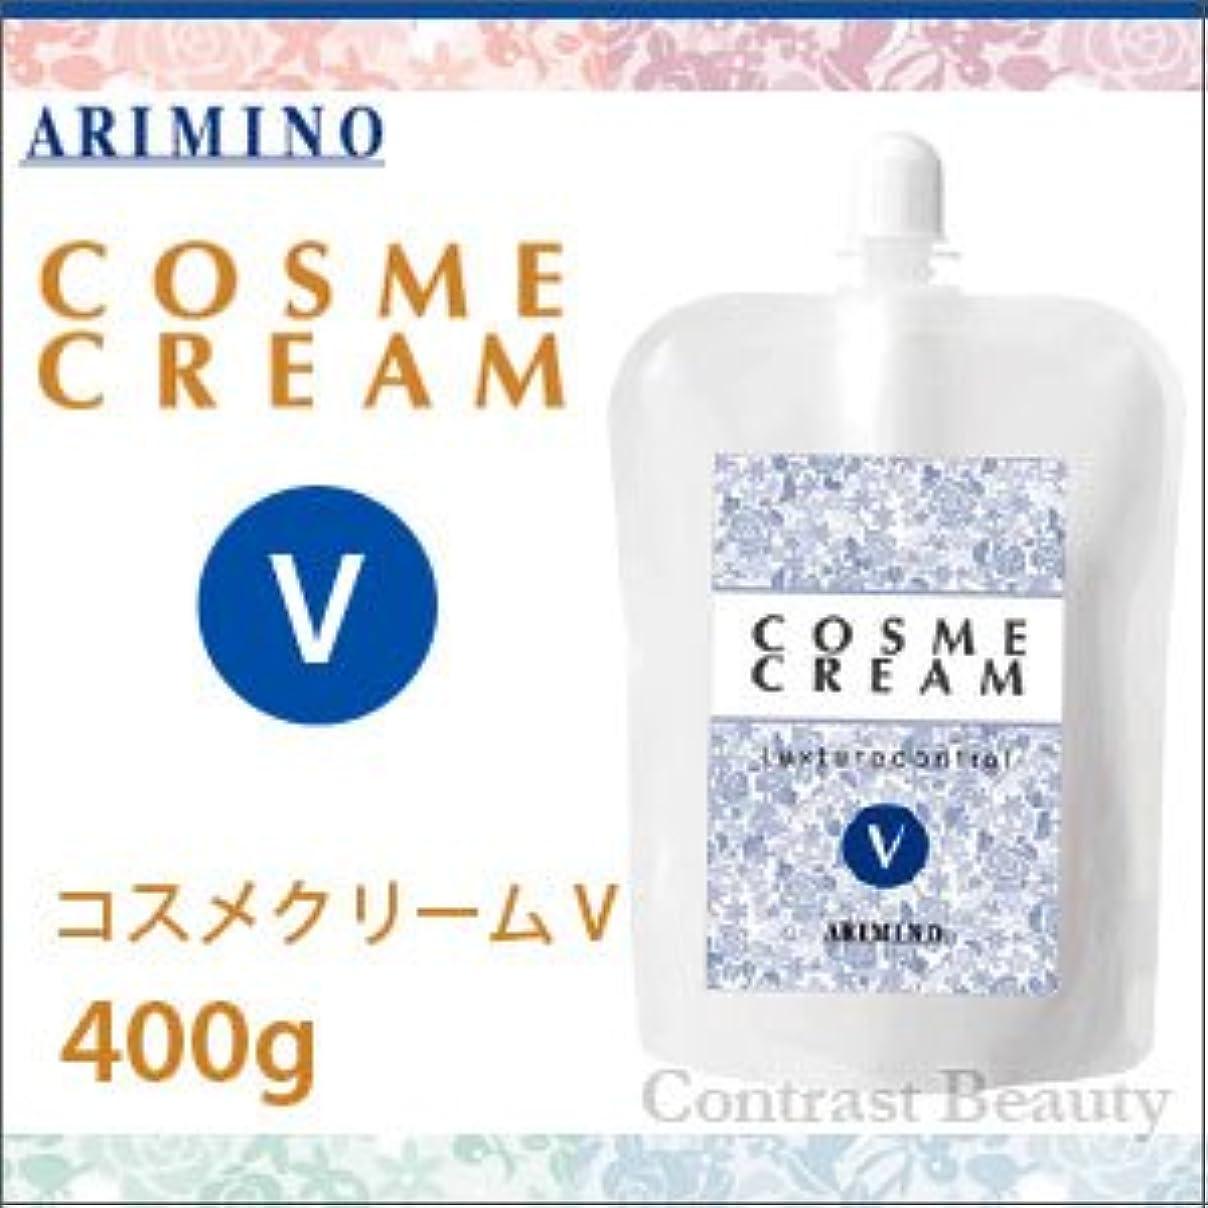 羊飼い恐怖フクロウ【X2個セット】 アリミノ コスメクリーム V 400g